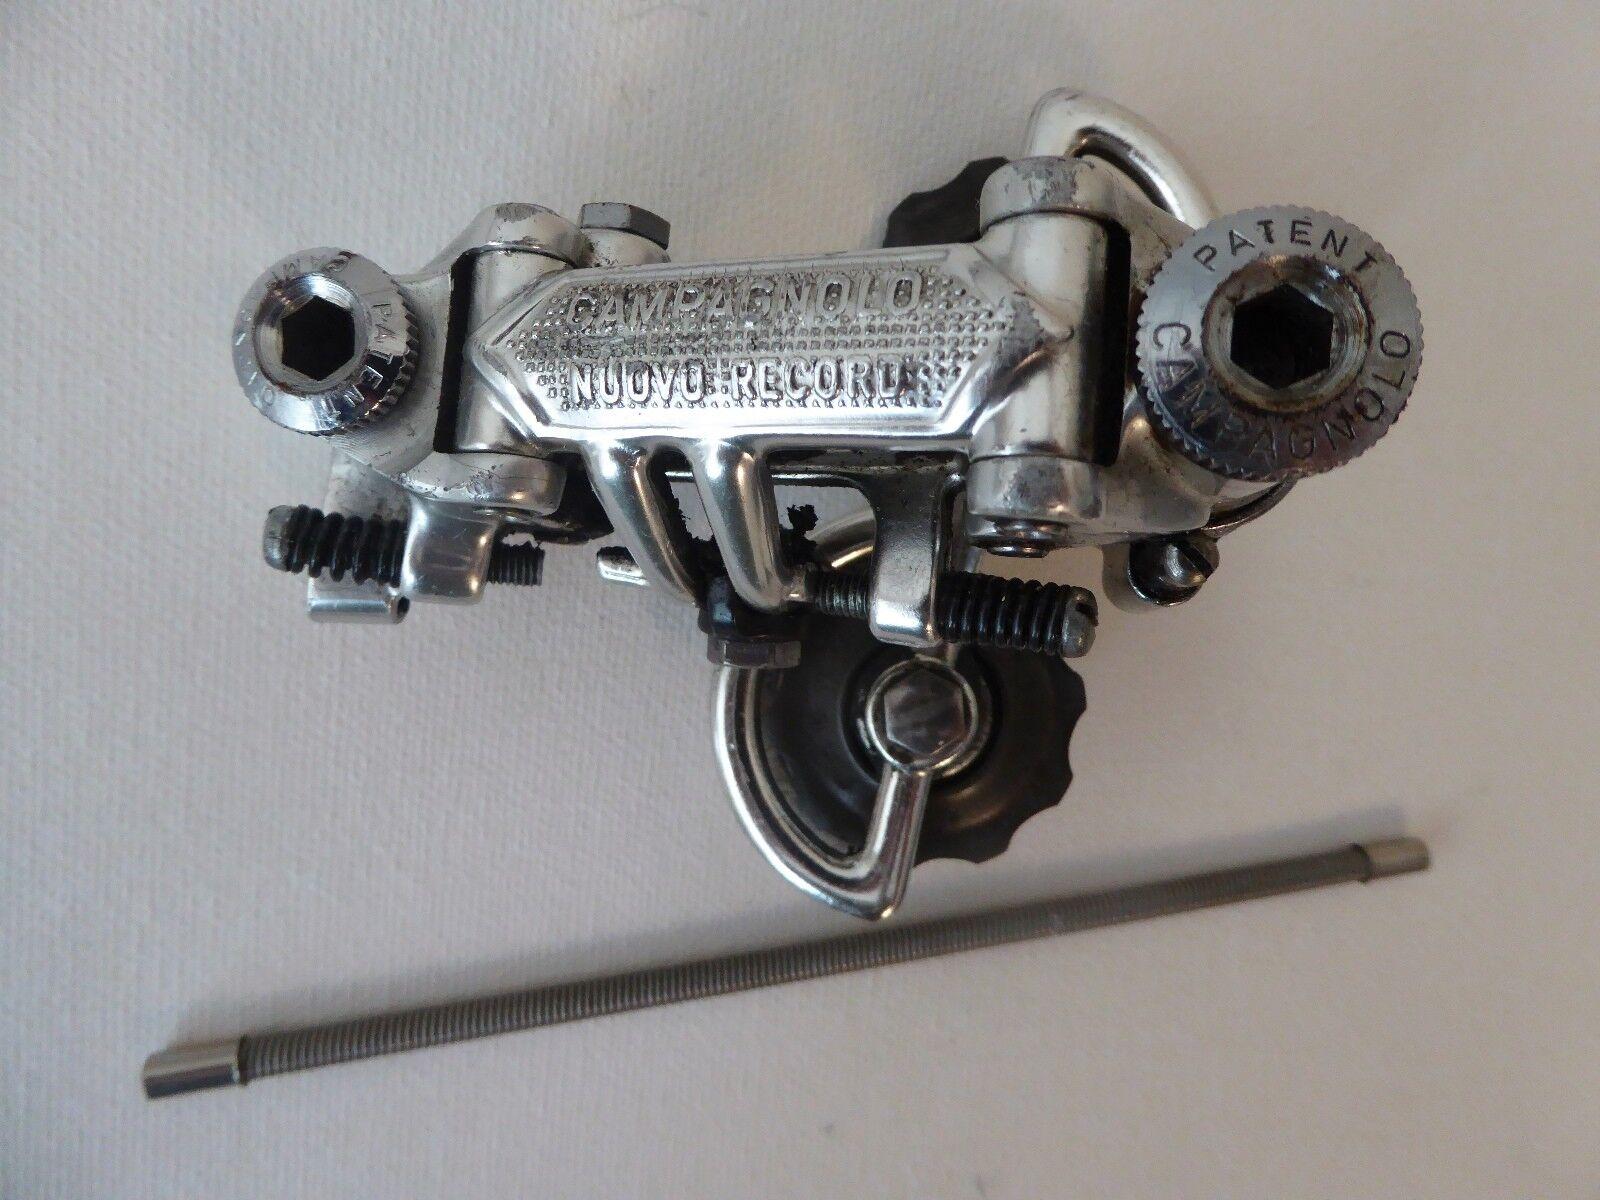 Vintage Campagnolo Nuovo Record Rear Derailleur patente cable exterior nos 81 Plus